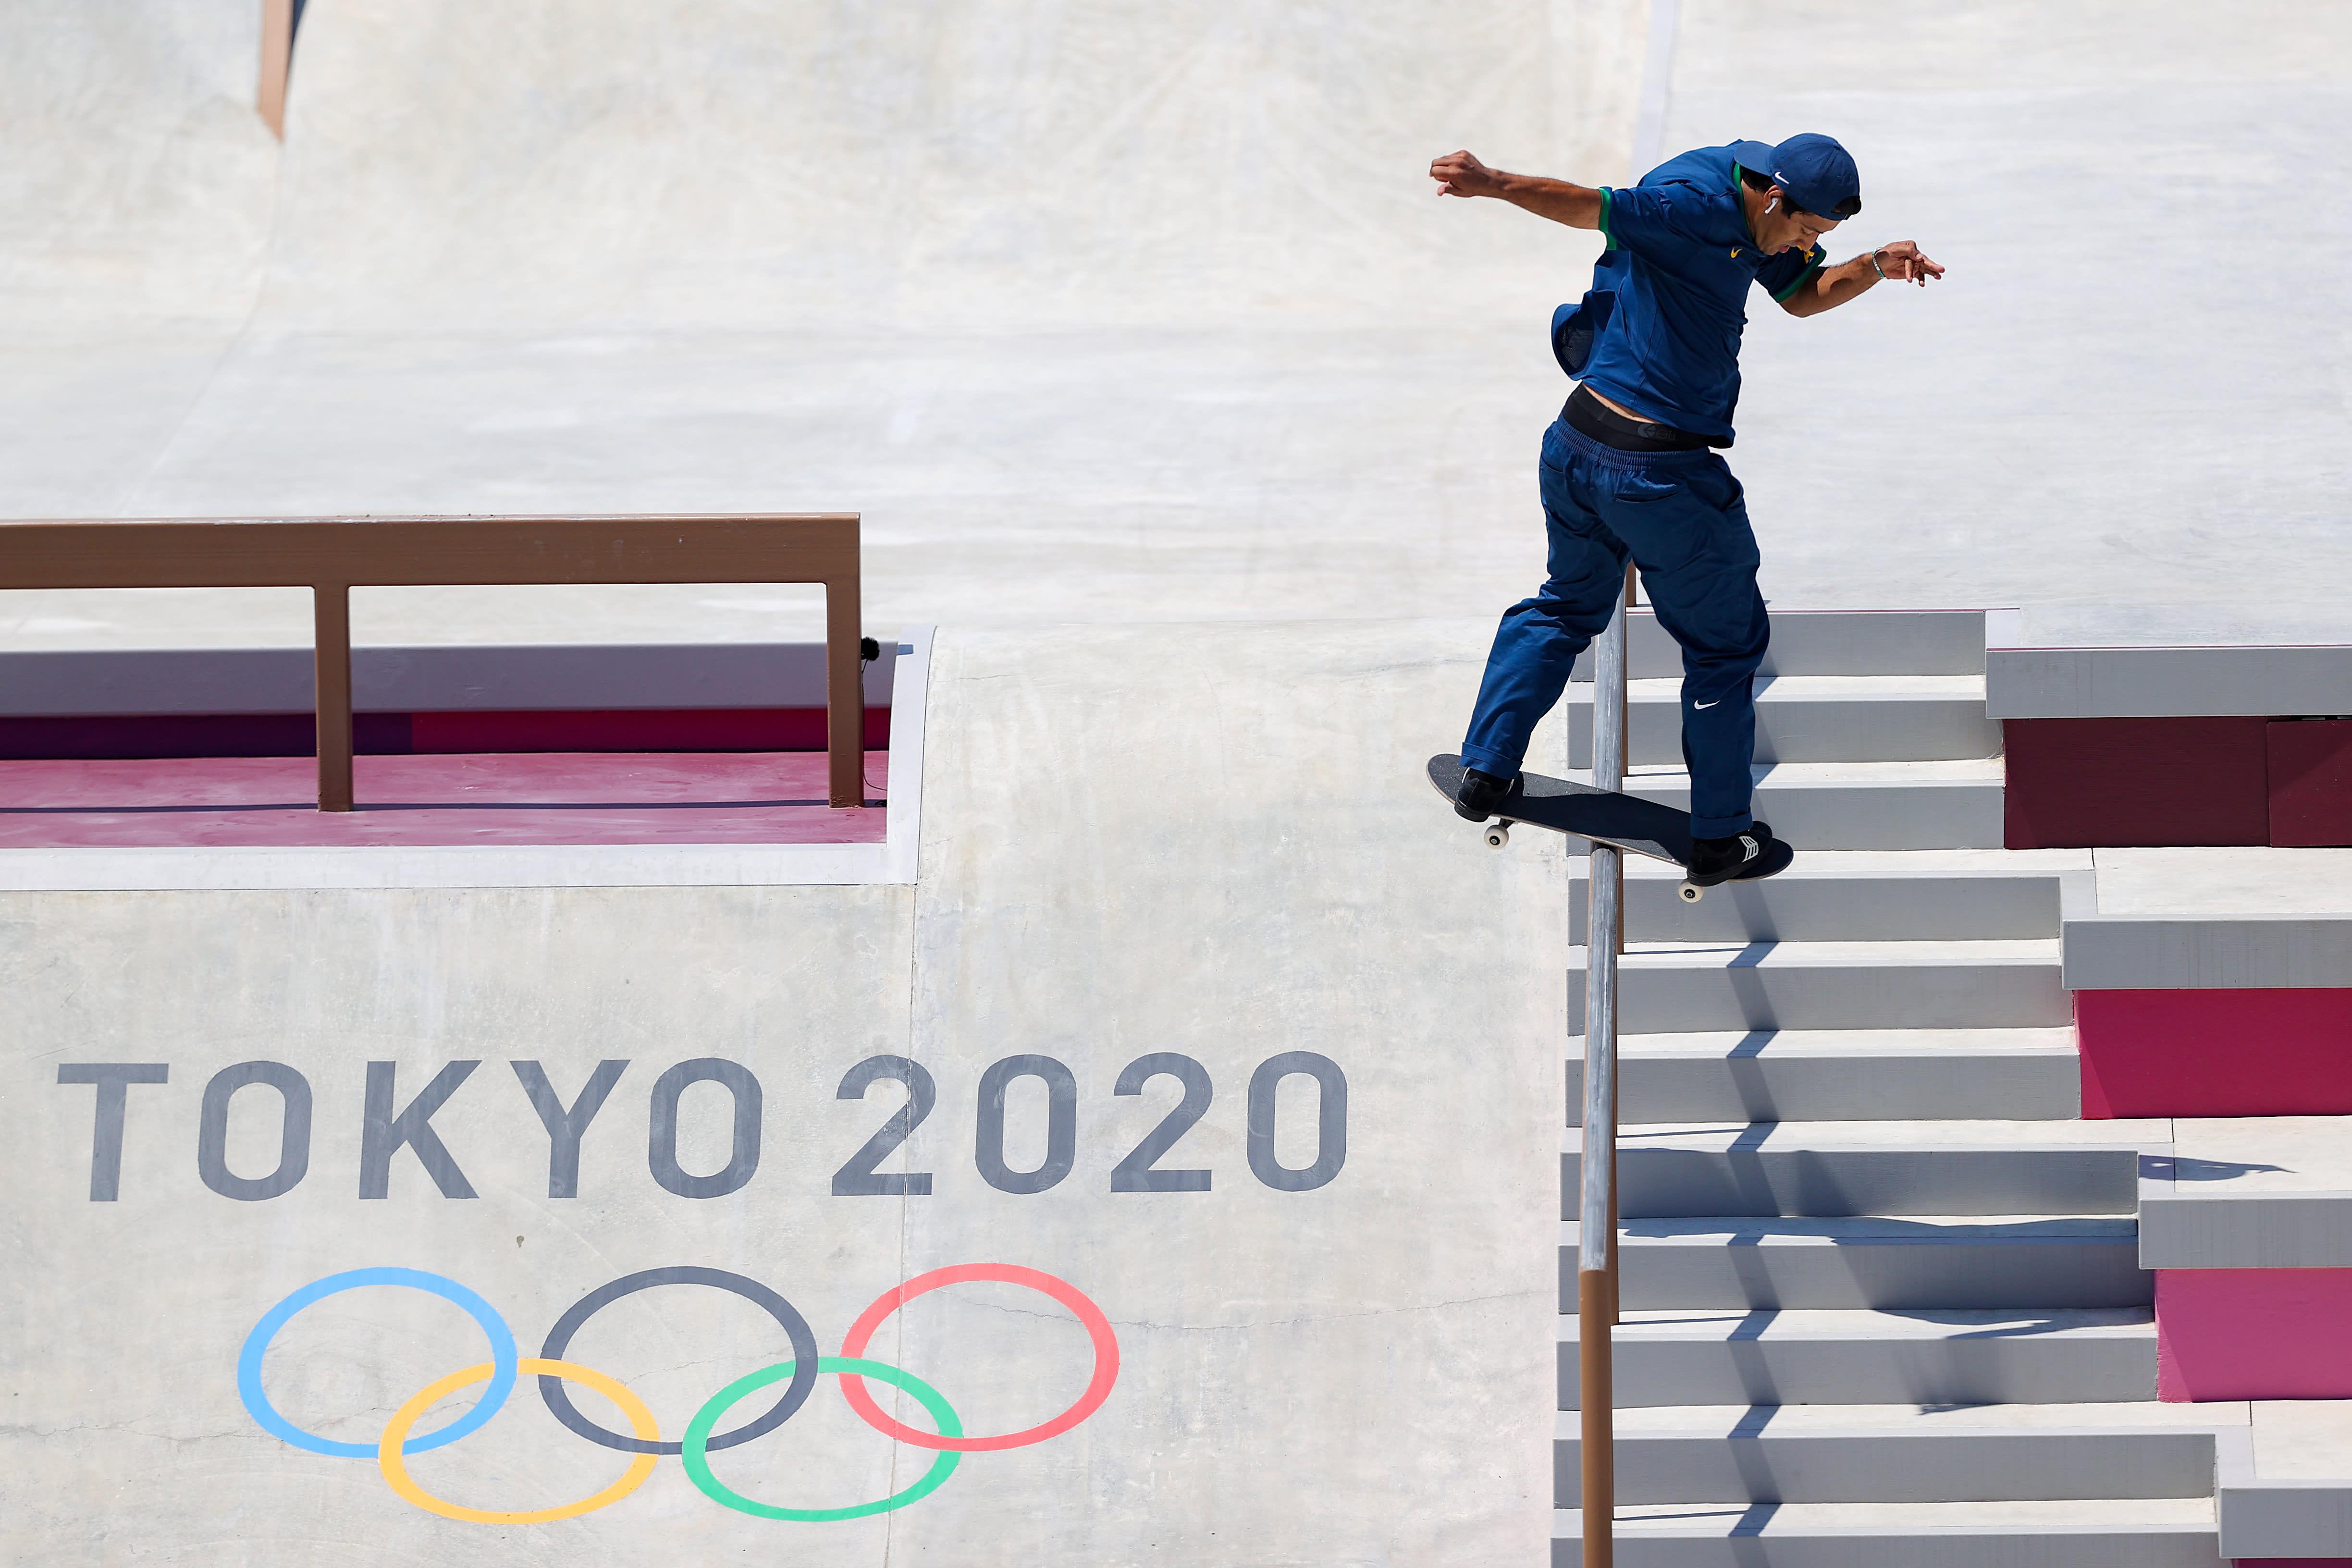 Kelvin descendo um corrimão, de costas, em cima de um skate.